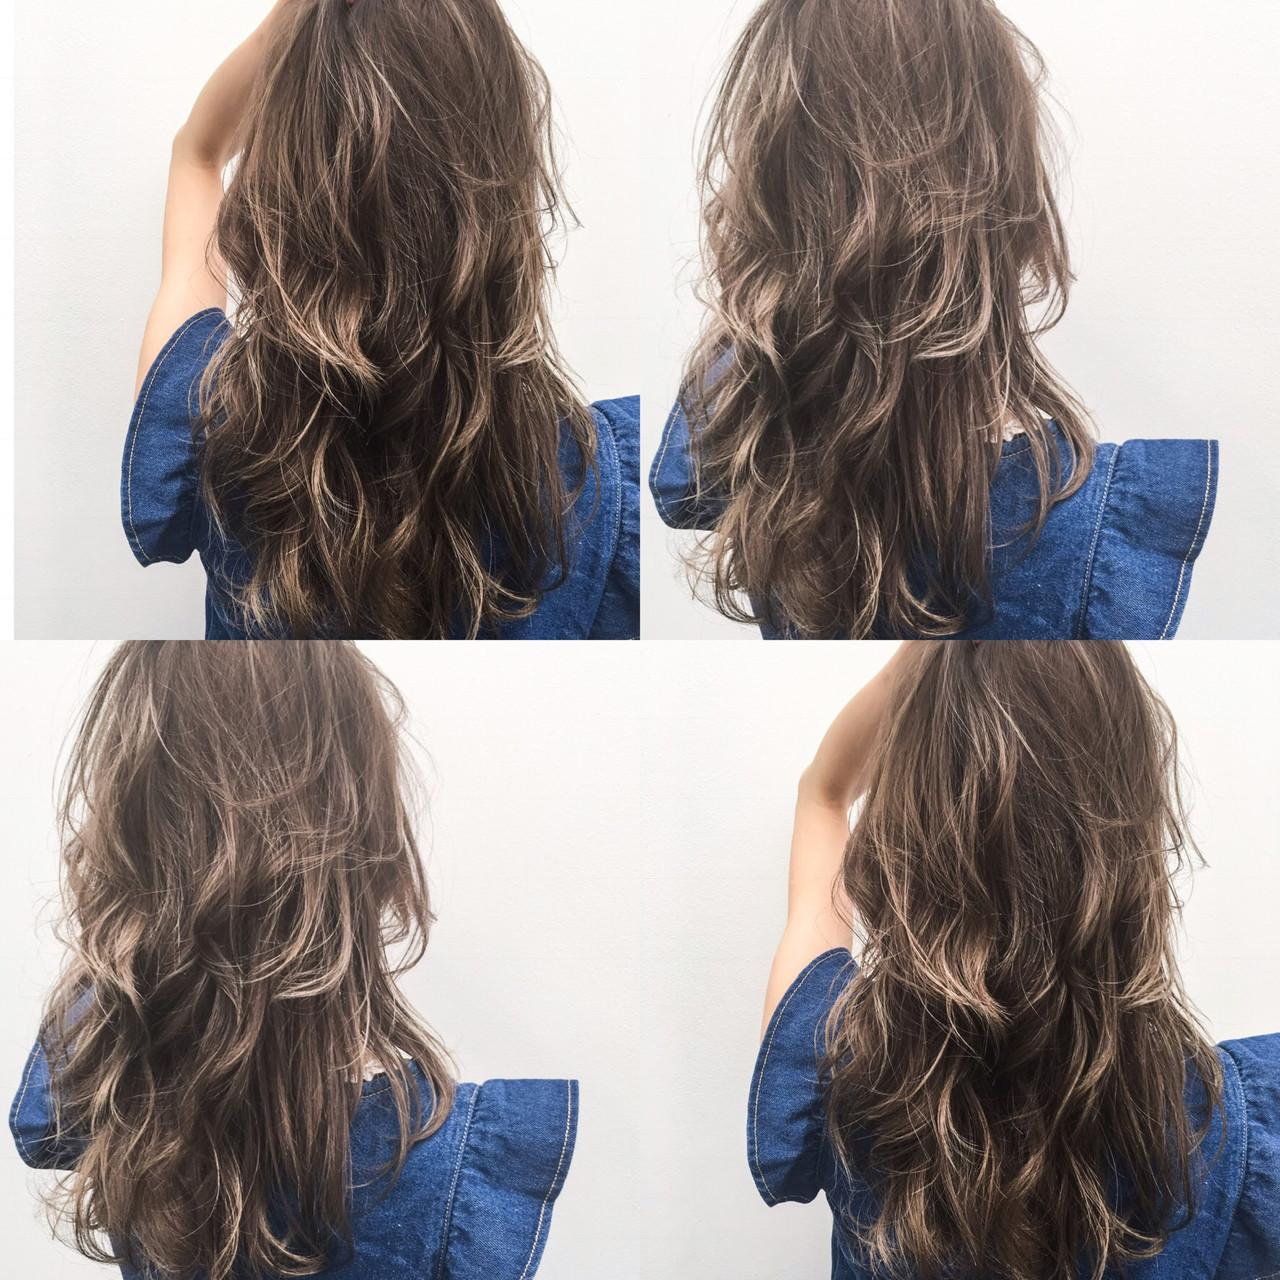 色気 セミロング 外国人風 簡単ヘアアレンジ ヘアスタイルや髪型の写真・画像 | 長谷川 龍太 / hair design tea